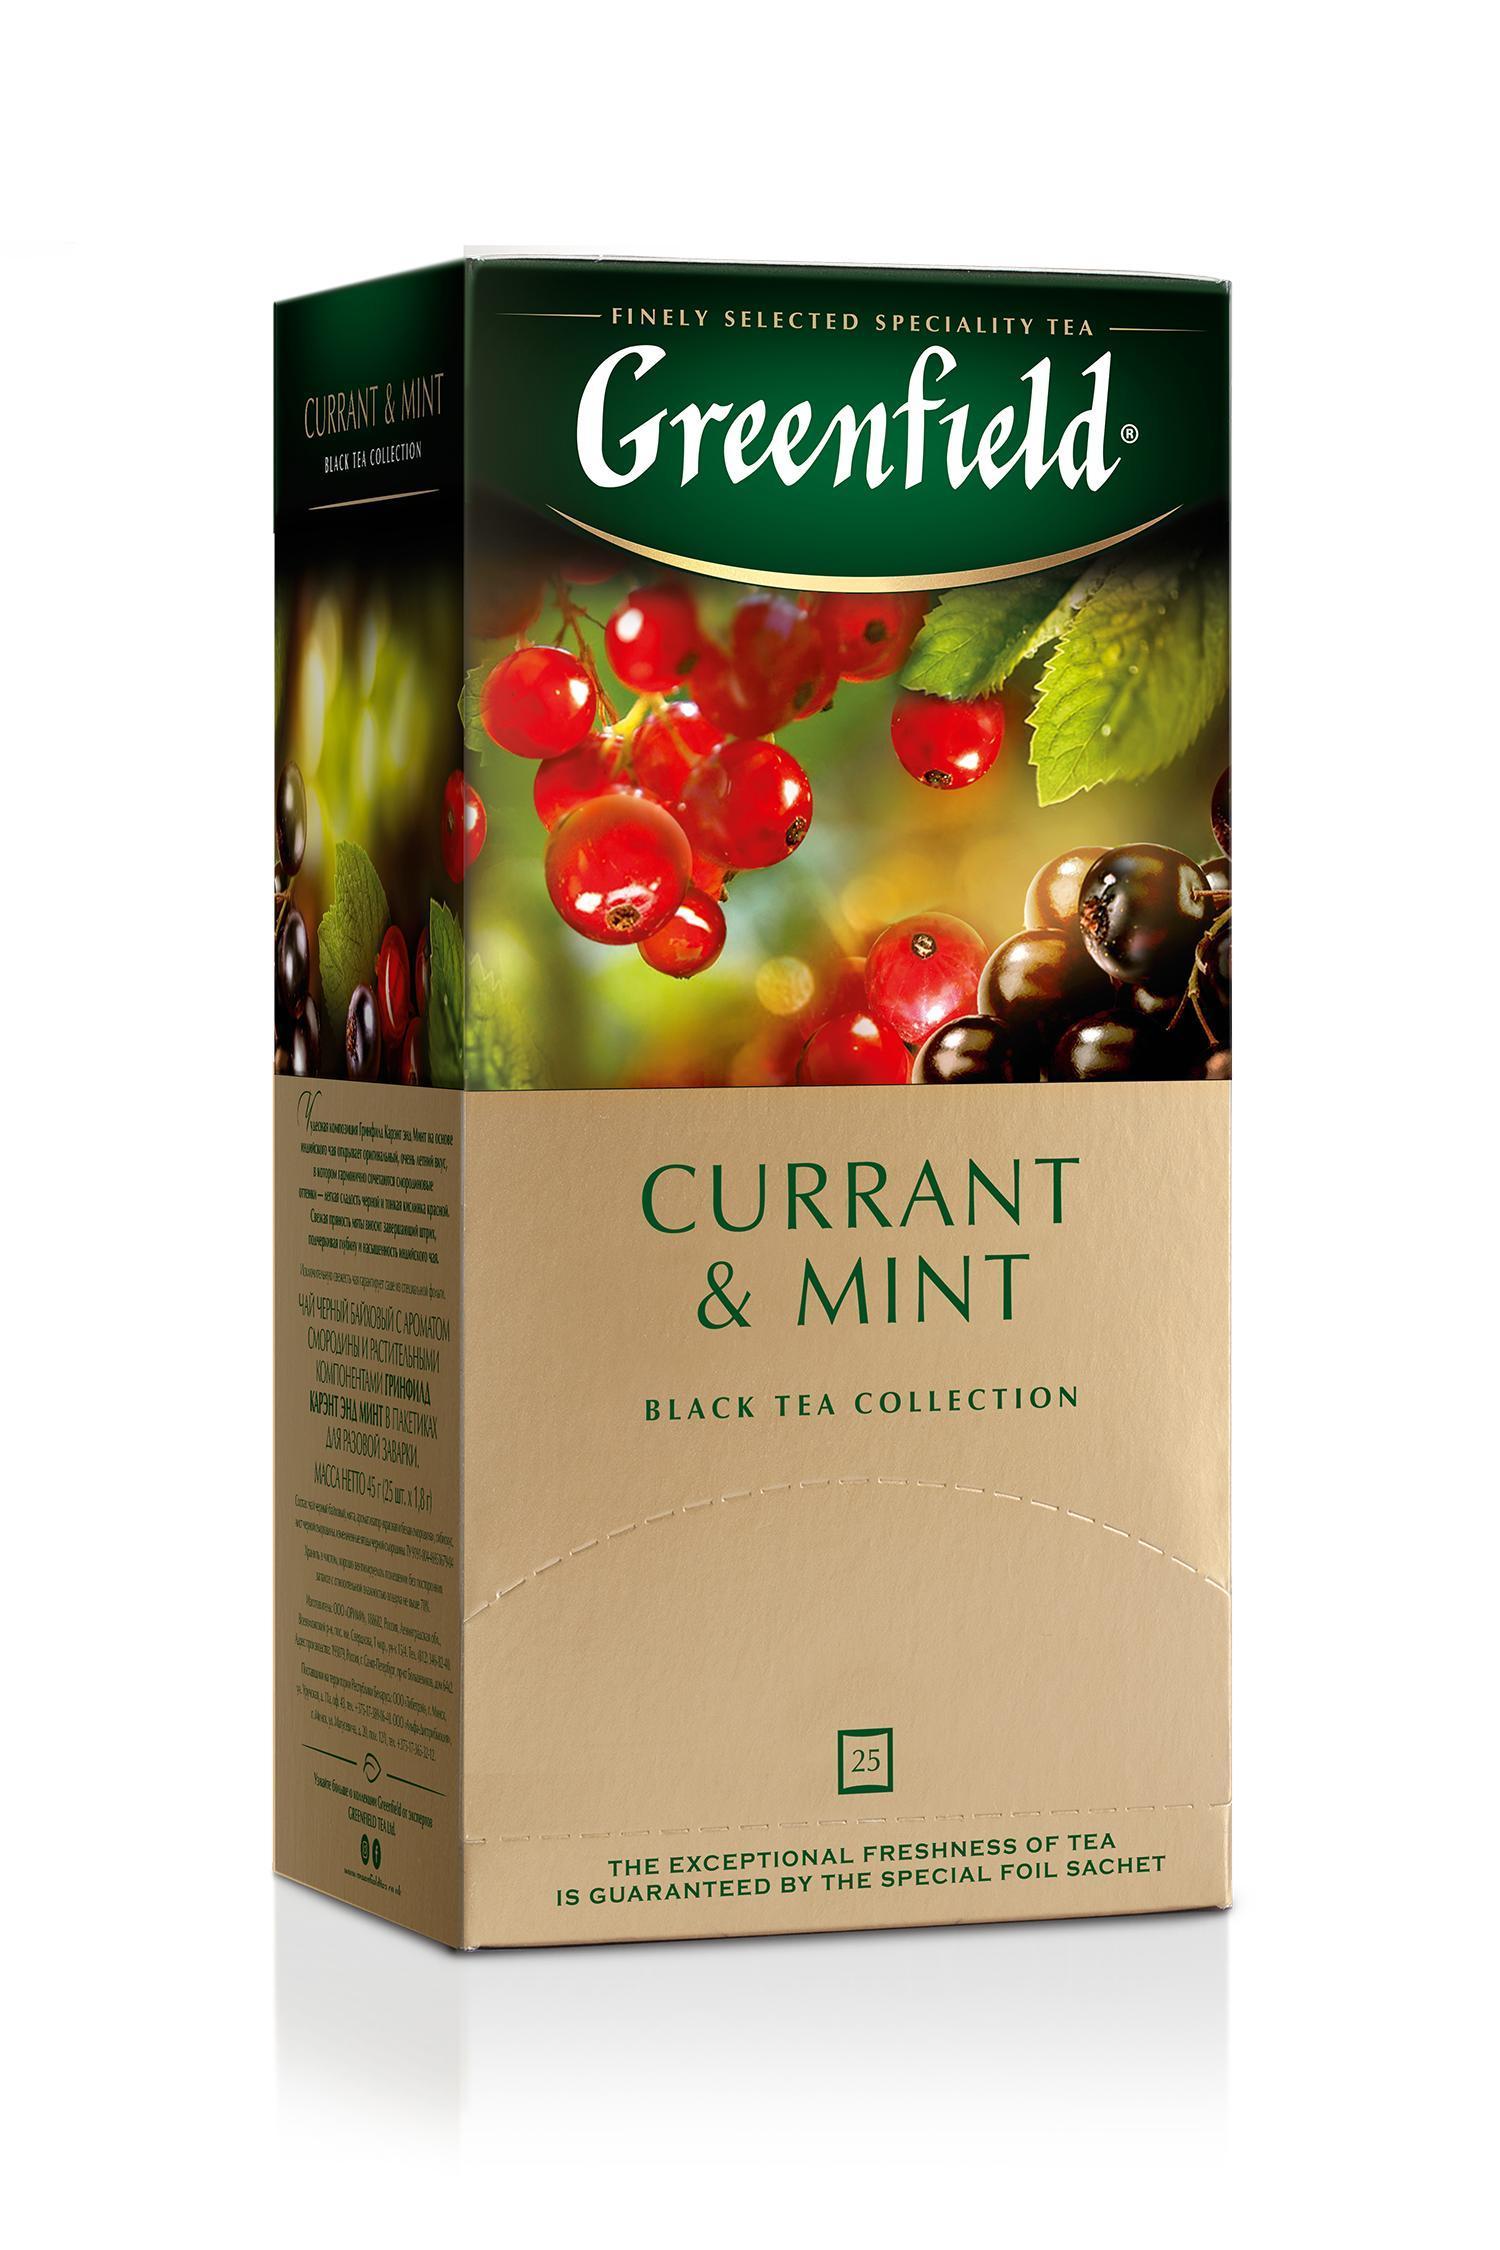 Чай Greenfield Currant & Mint, черный с добавками, пакетированный, 25 пак/упак